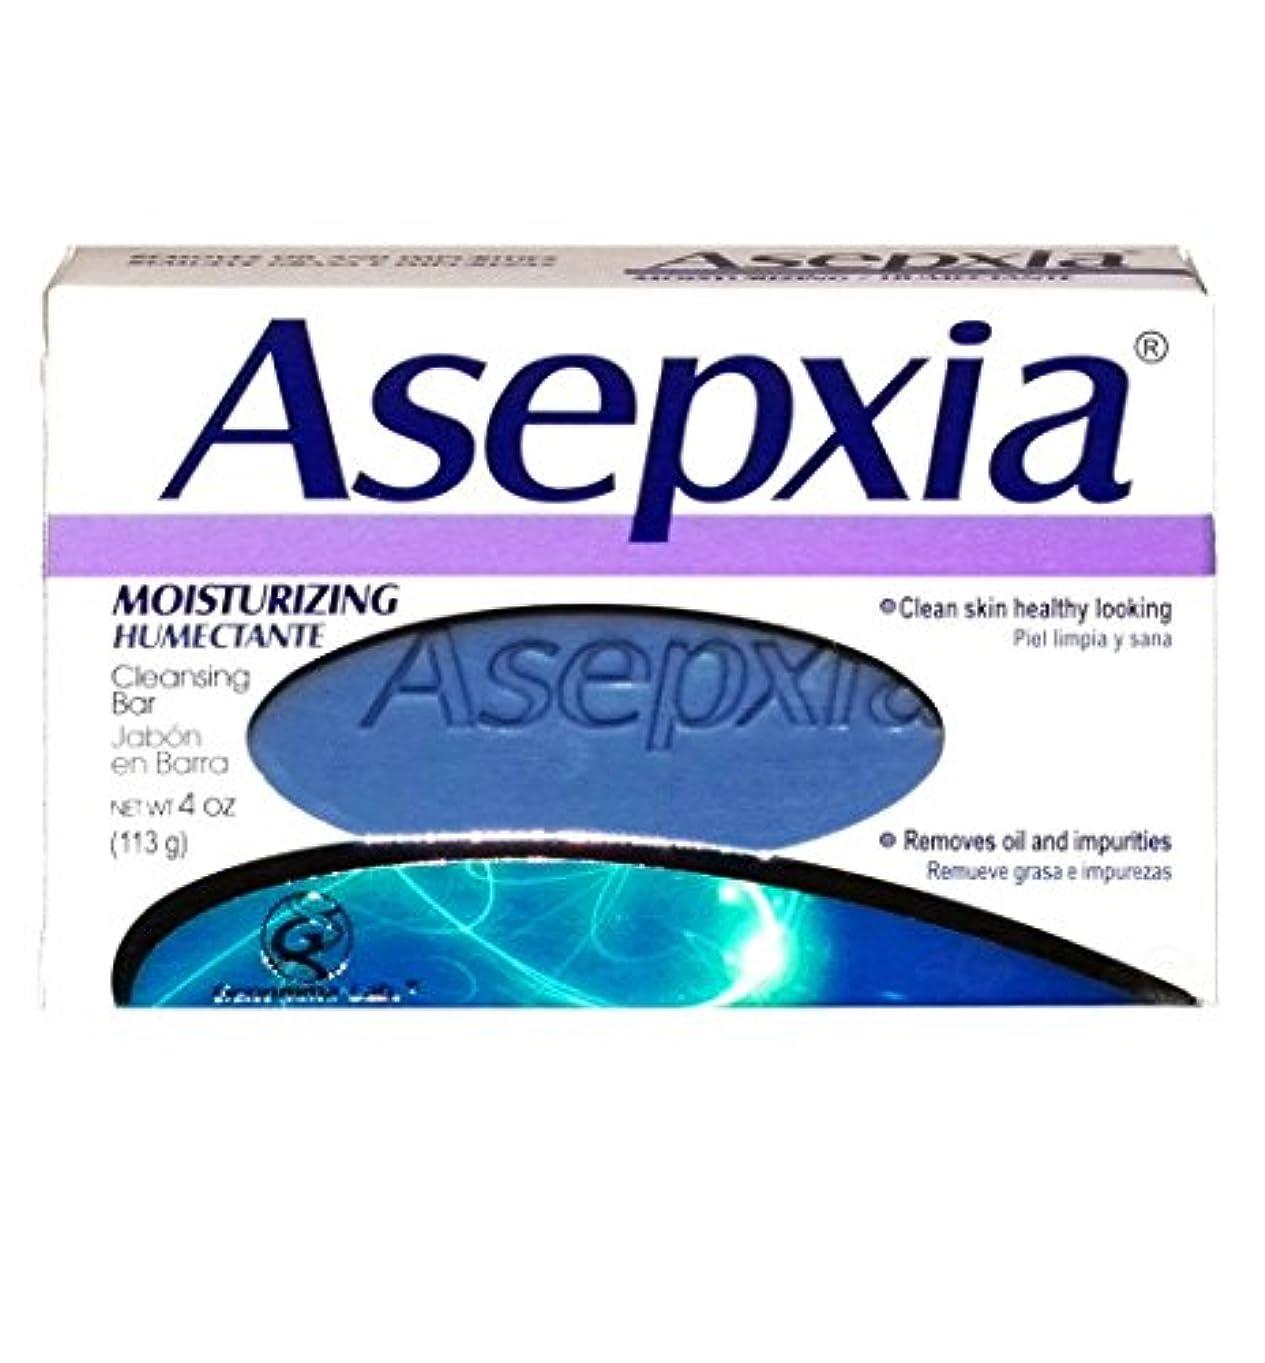 偽善者弱めるぴかぴかAsepxia Moisturizing Soap 3.53 oz - Jabon Humectante by Asepxia [並行輸入品]